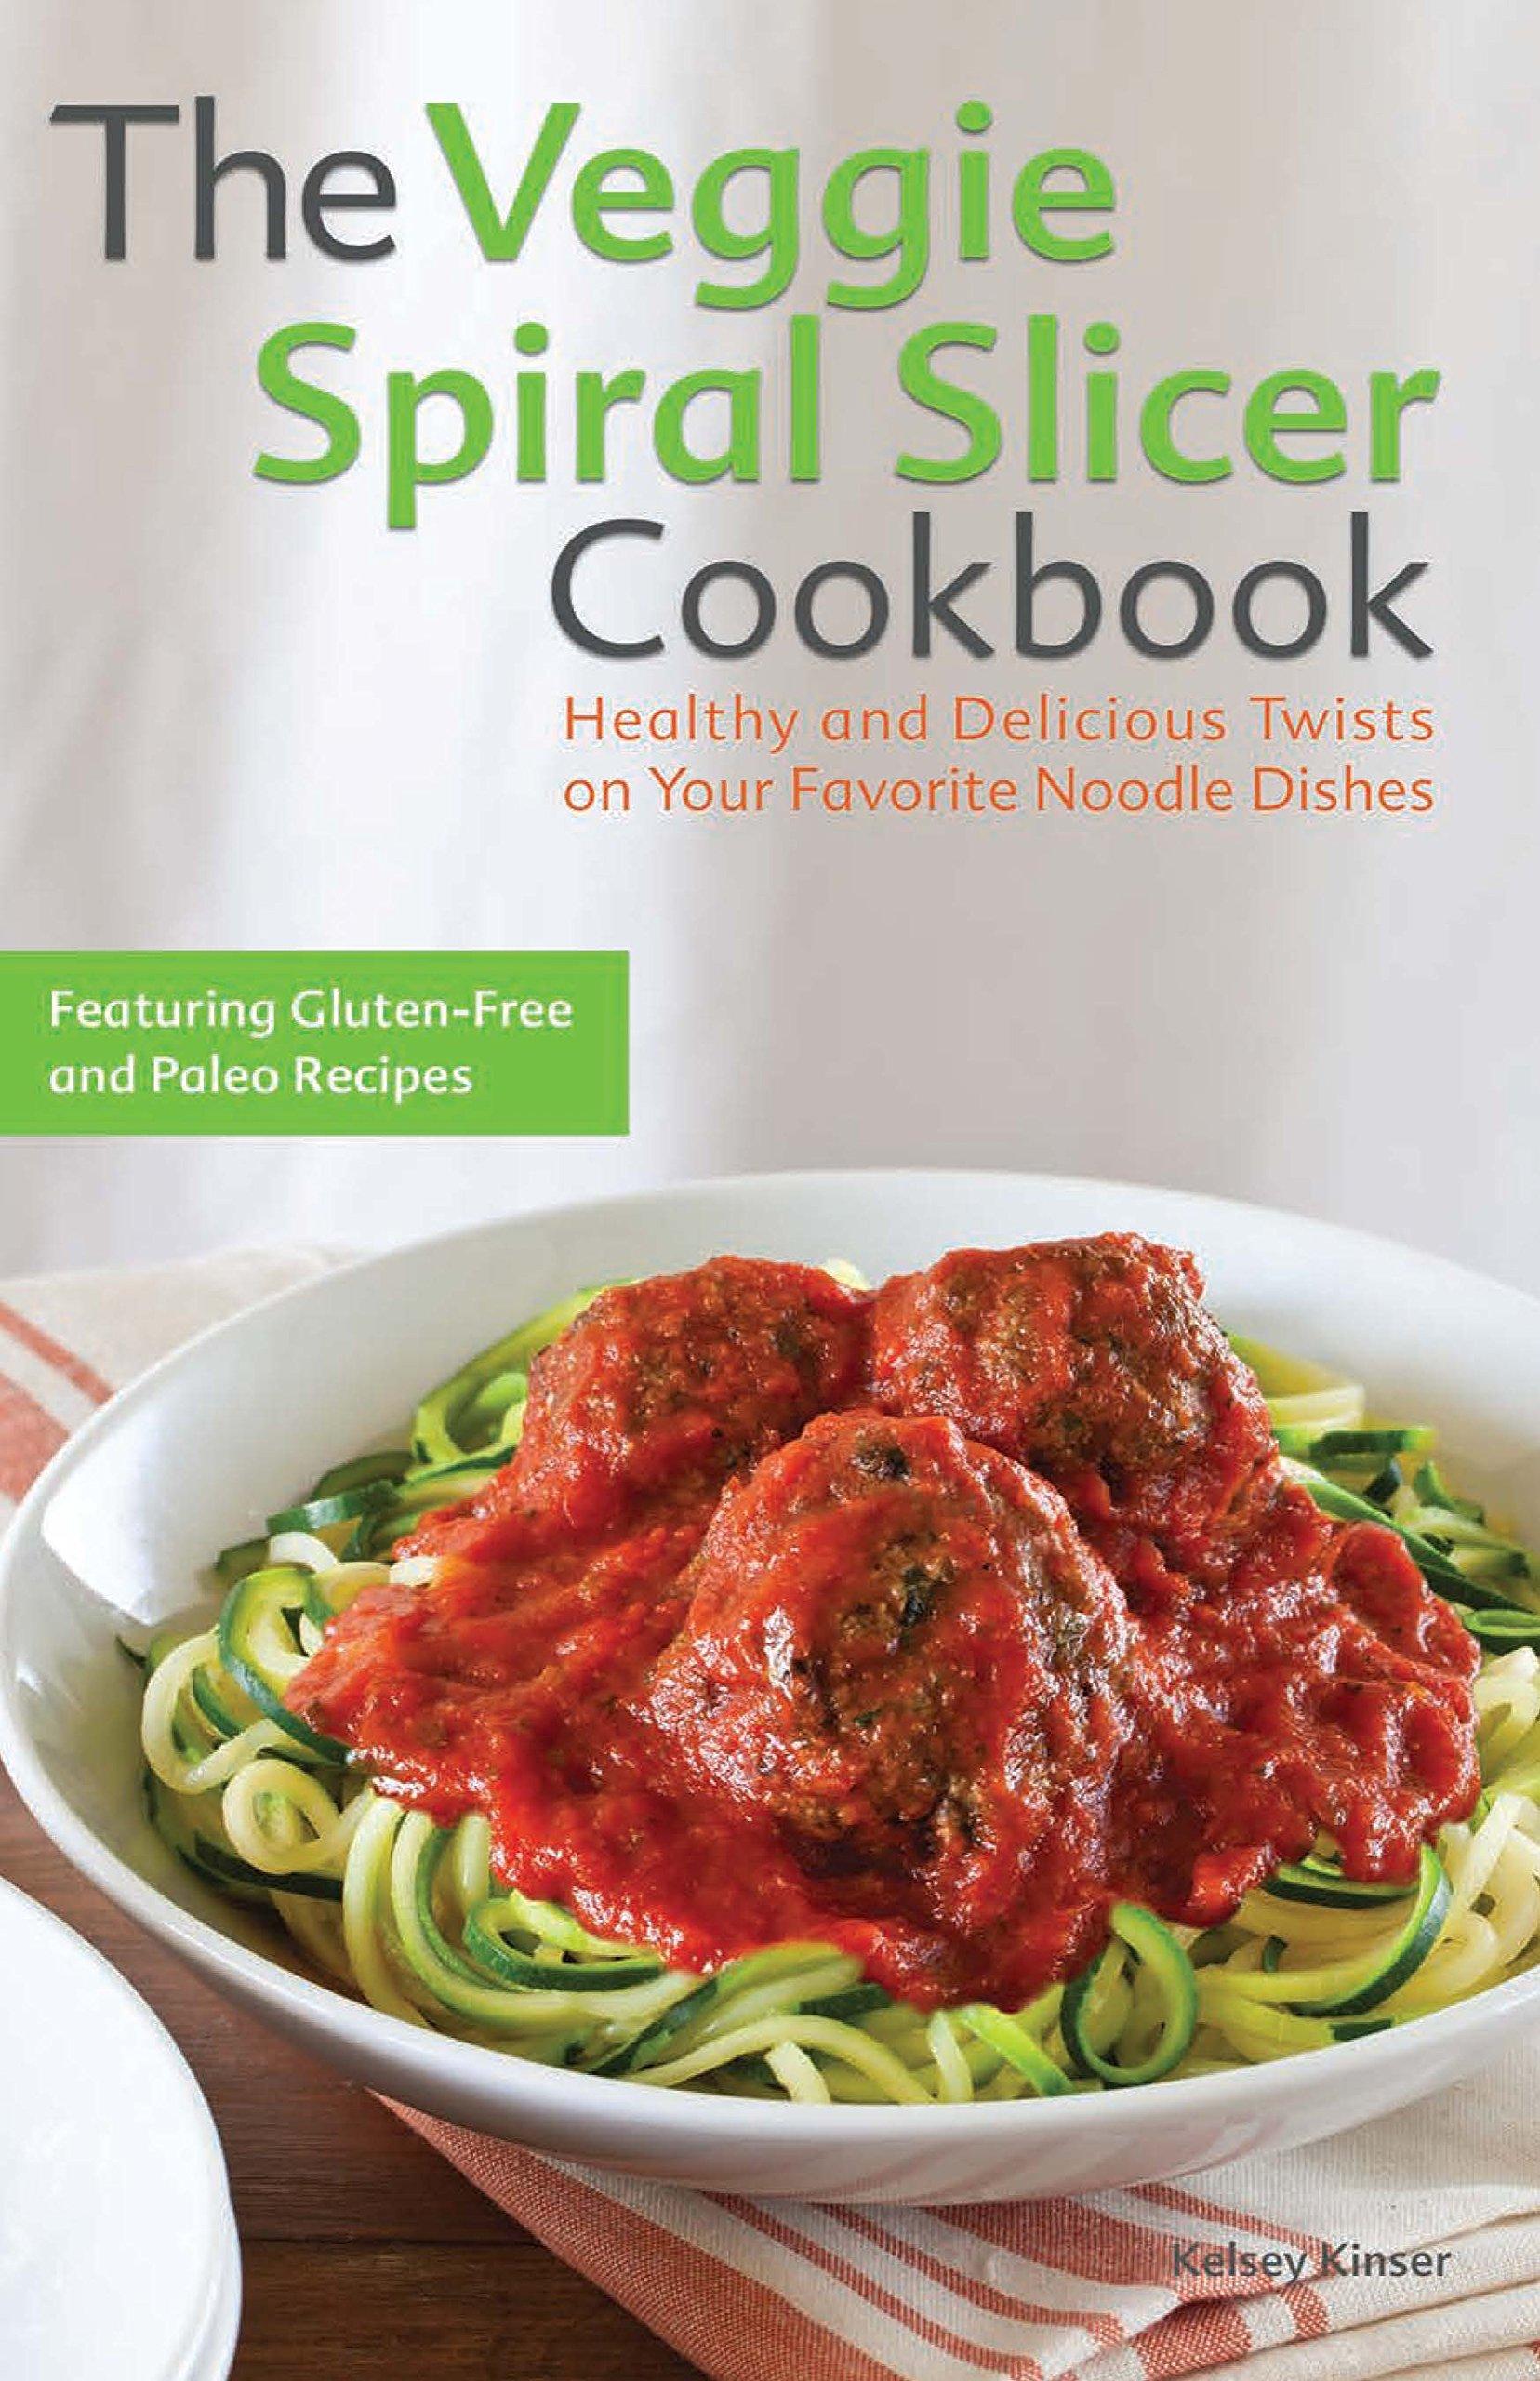 Veggie Spiral Slicer Cookbook Delicious product image